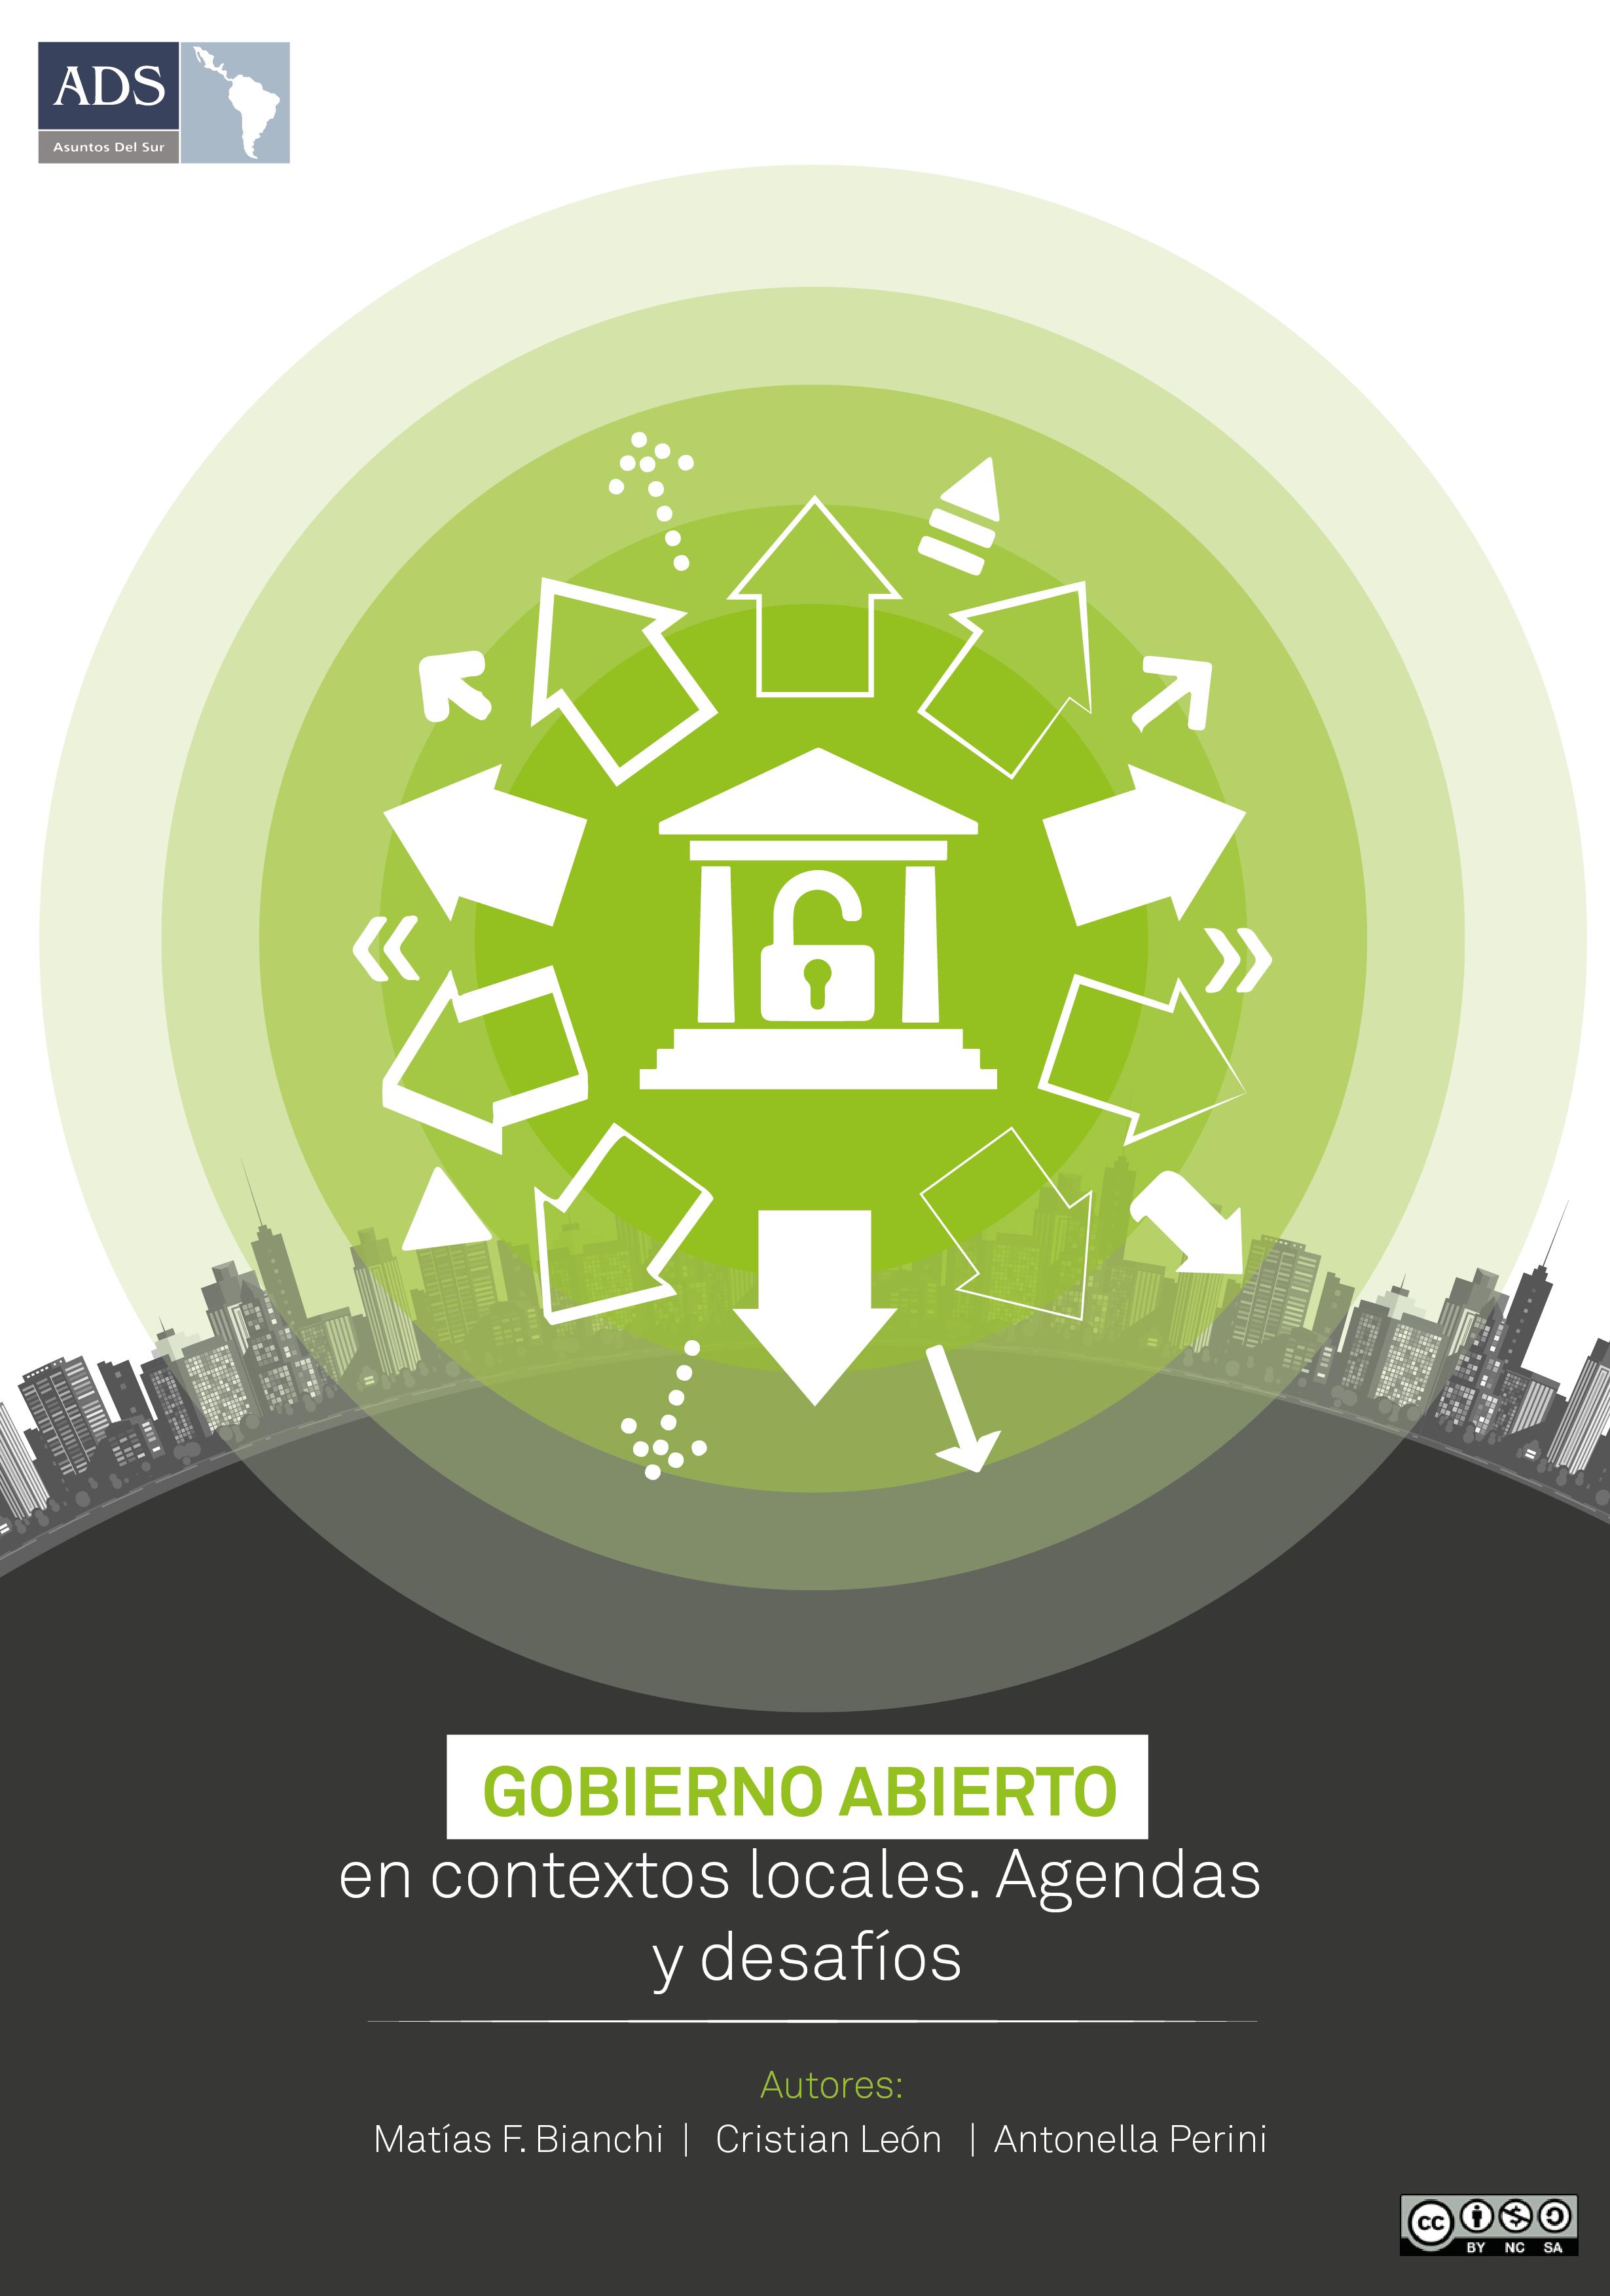 Gobiernos abiertos en contexto locales